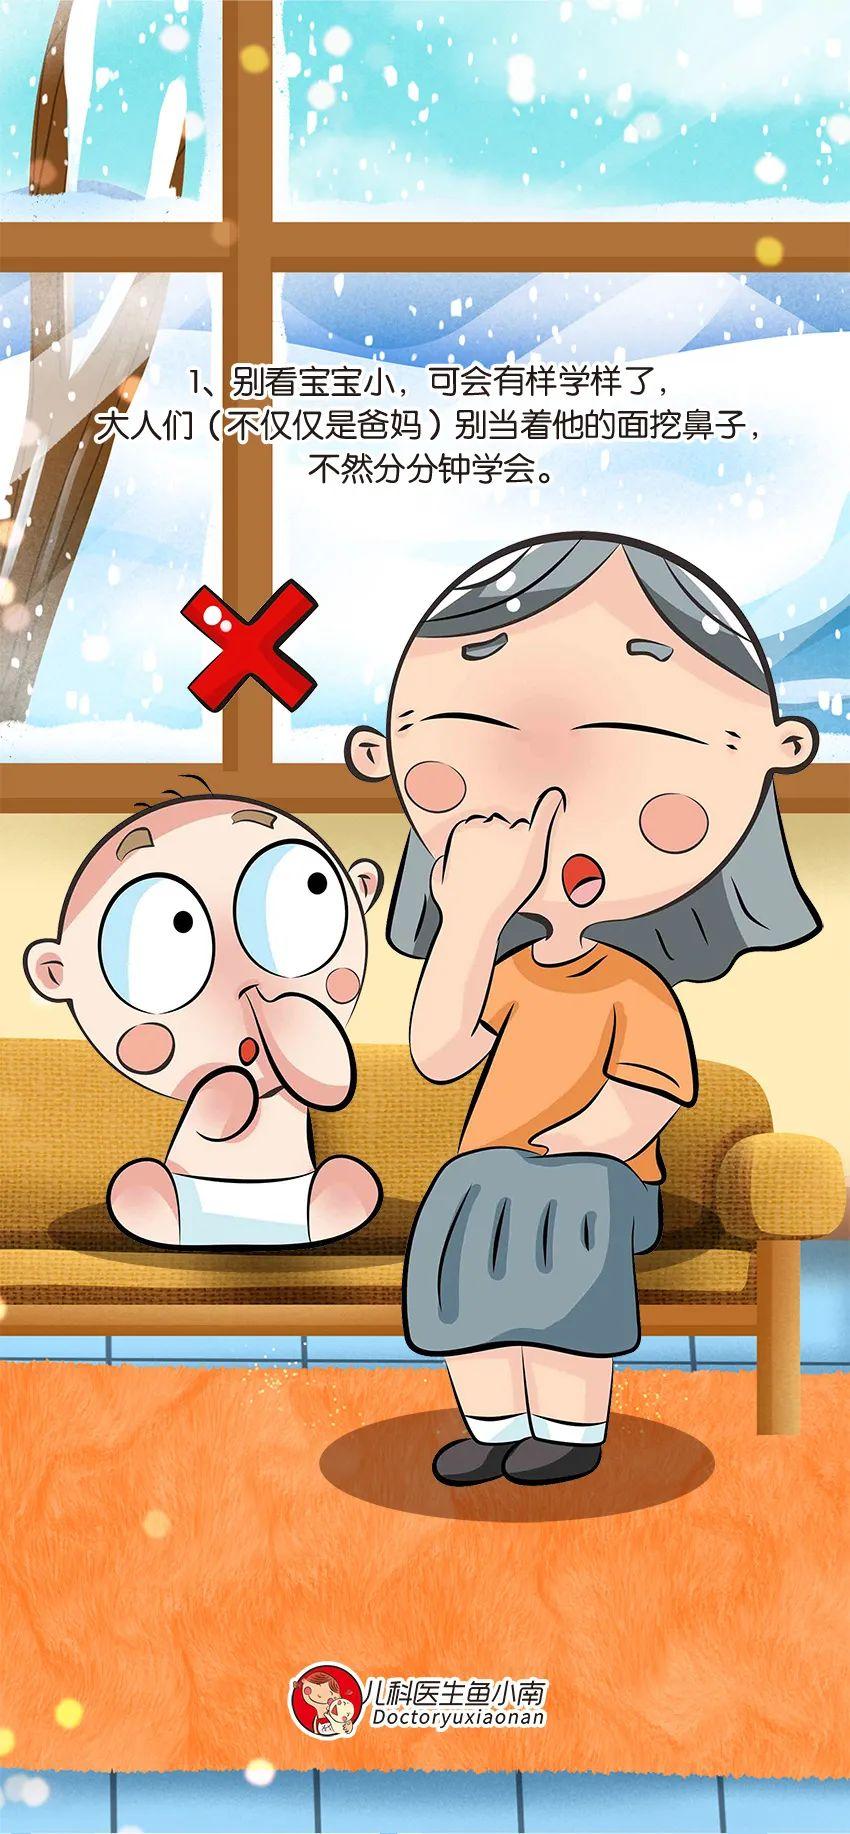 一看孩子挖鼻屎就骂,这样只会越挖越起劲,正确做法看这里